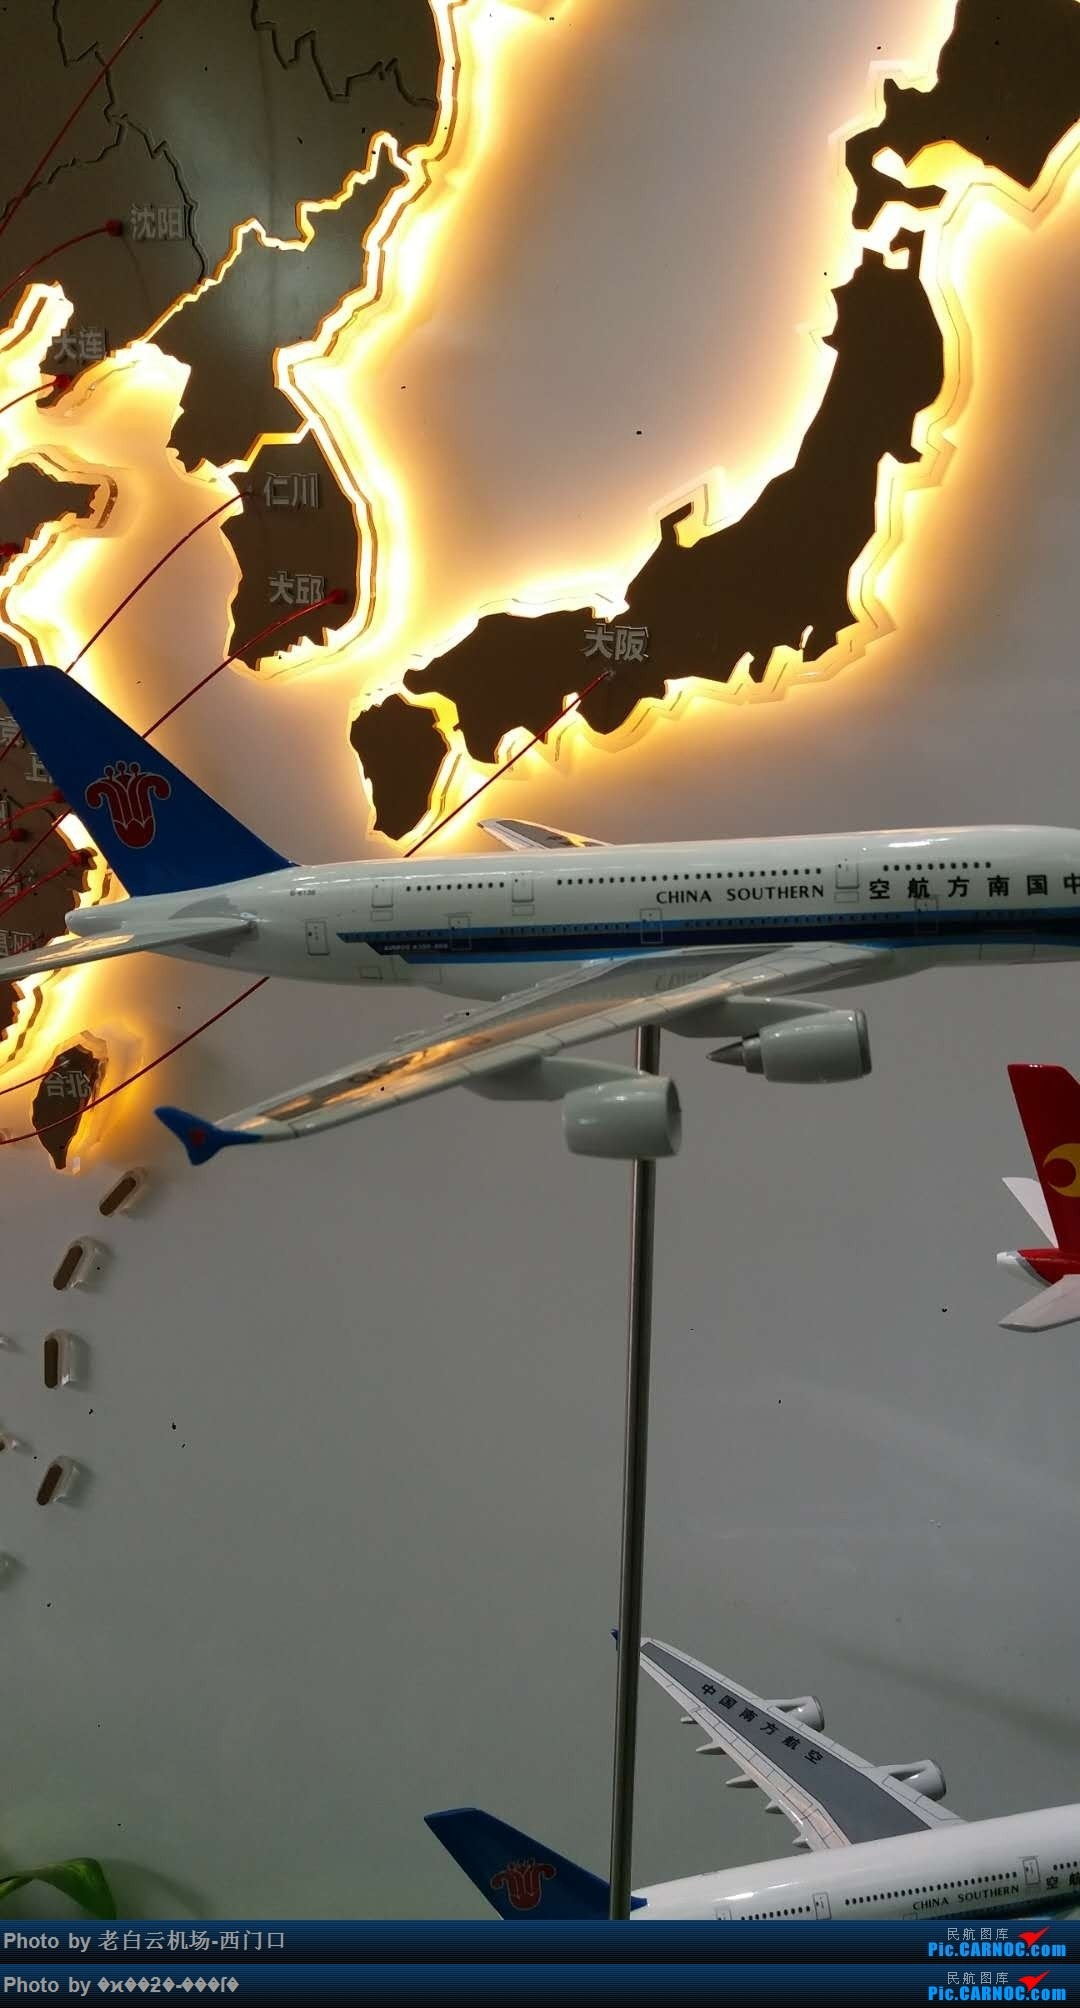 Re:[公告]炫机大赛,晒机模啦!拿出你的好货,看你有多土豪! AIRBUS A380-800 B-6136 中国揭阳潮汕国际机场